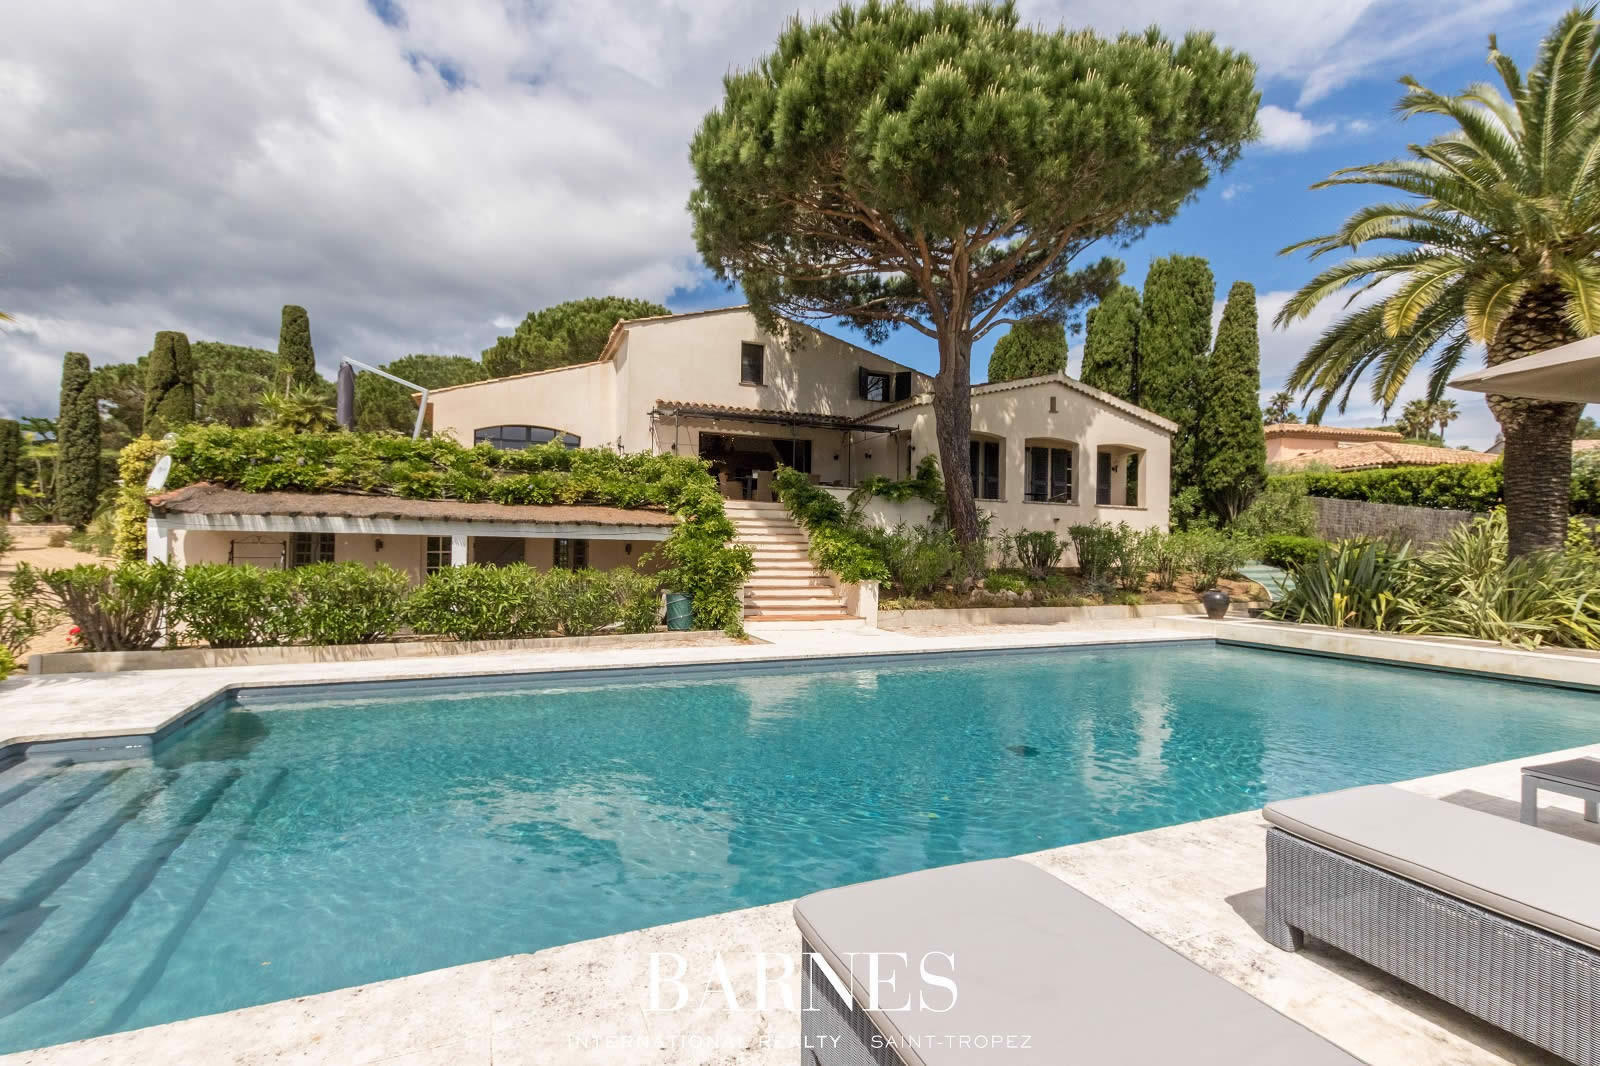 Maison moderne vendre evian v randa ferm e et for Club piscine lasalle